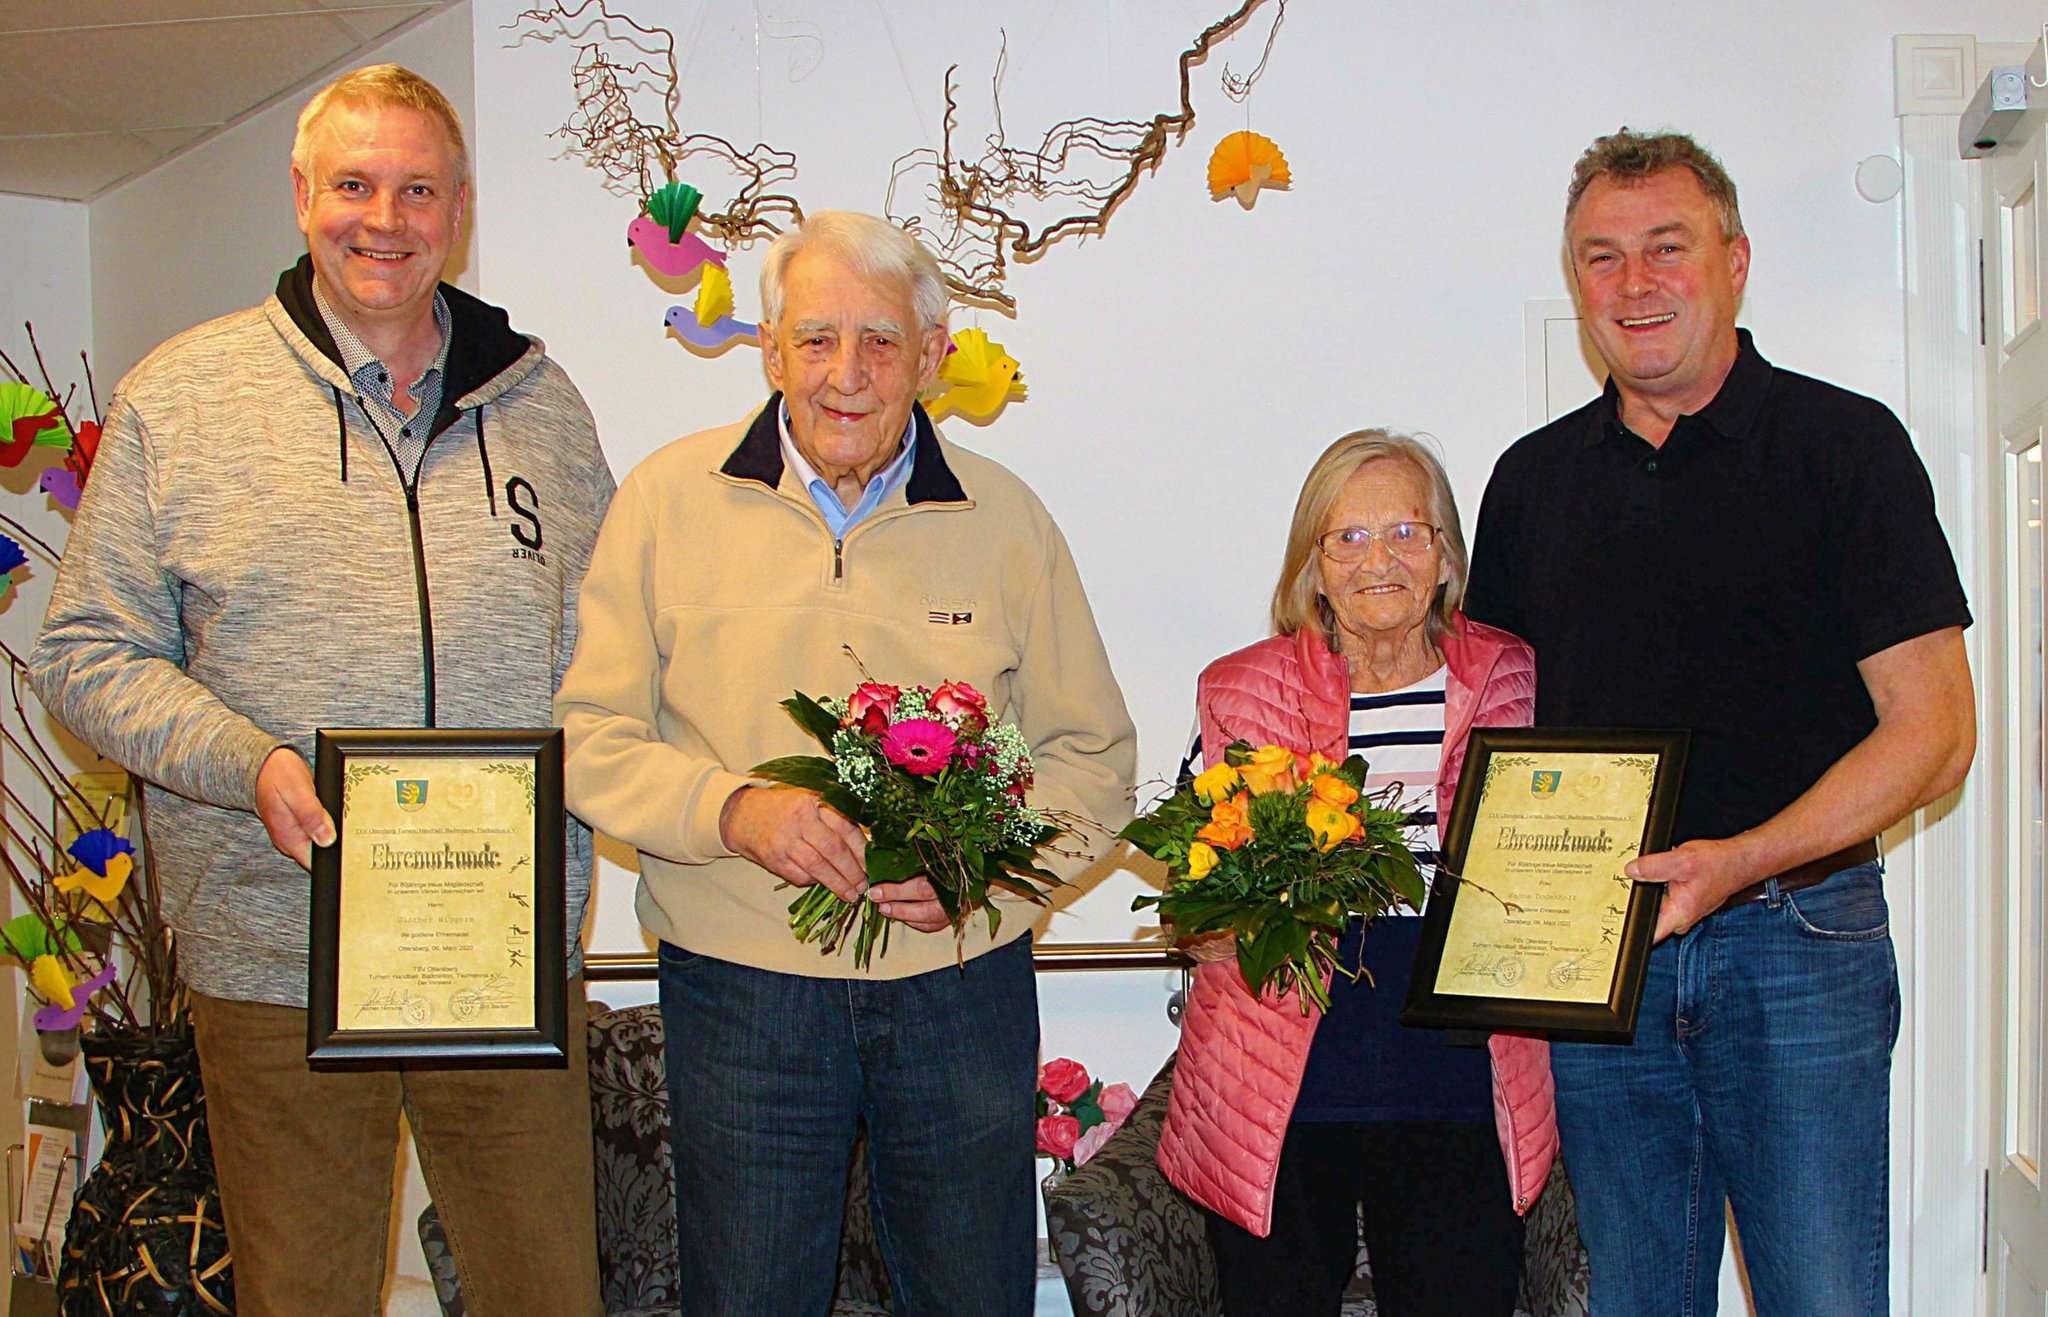 Jochen Hinrichs (links) und Jörn Becker (rechts) ehrten Günter Wiggers und Hanna Dodenhoff für besondere Treue zum Verein. Foto: Tobias Woelki